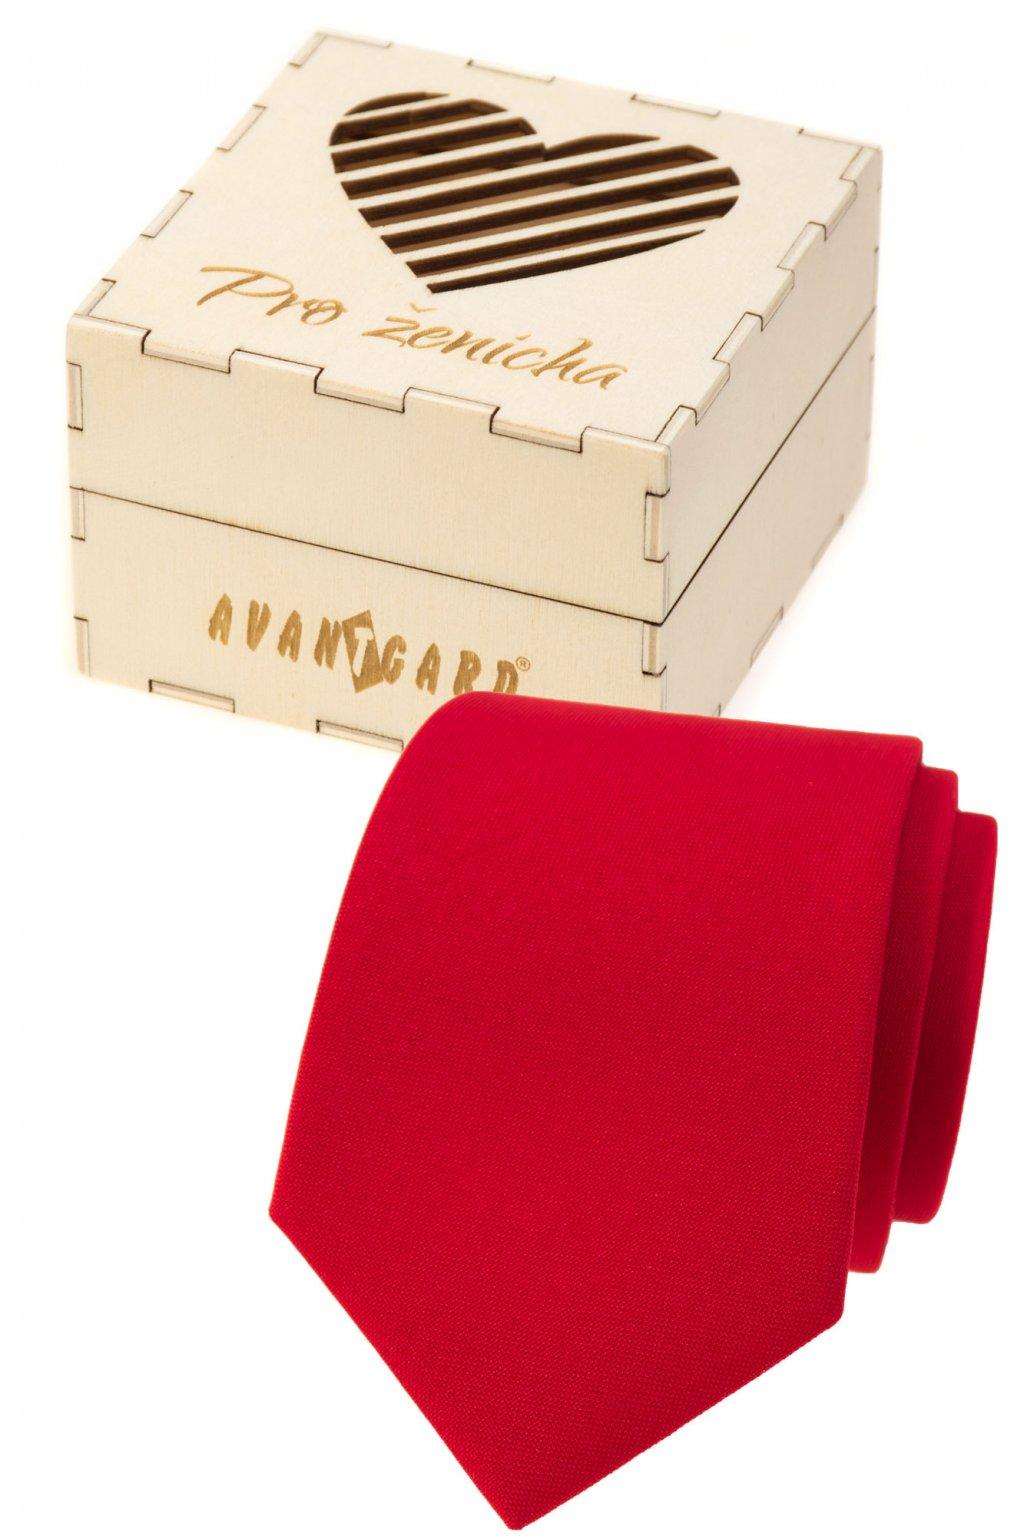 Dárkový set Pro ženicha - Kravata LUX v dárkové dřevěné krabičce s nápisem červená, přírodní dřevo 919 - 985720